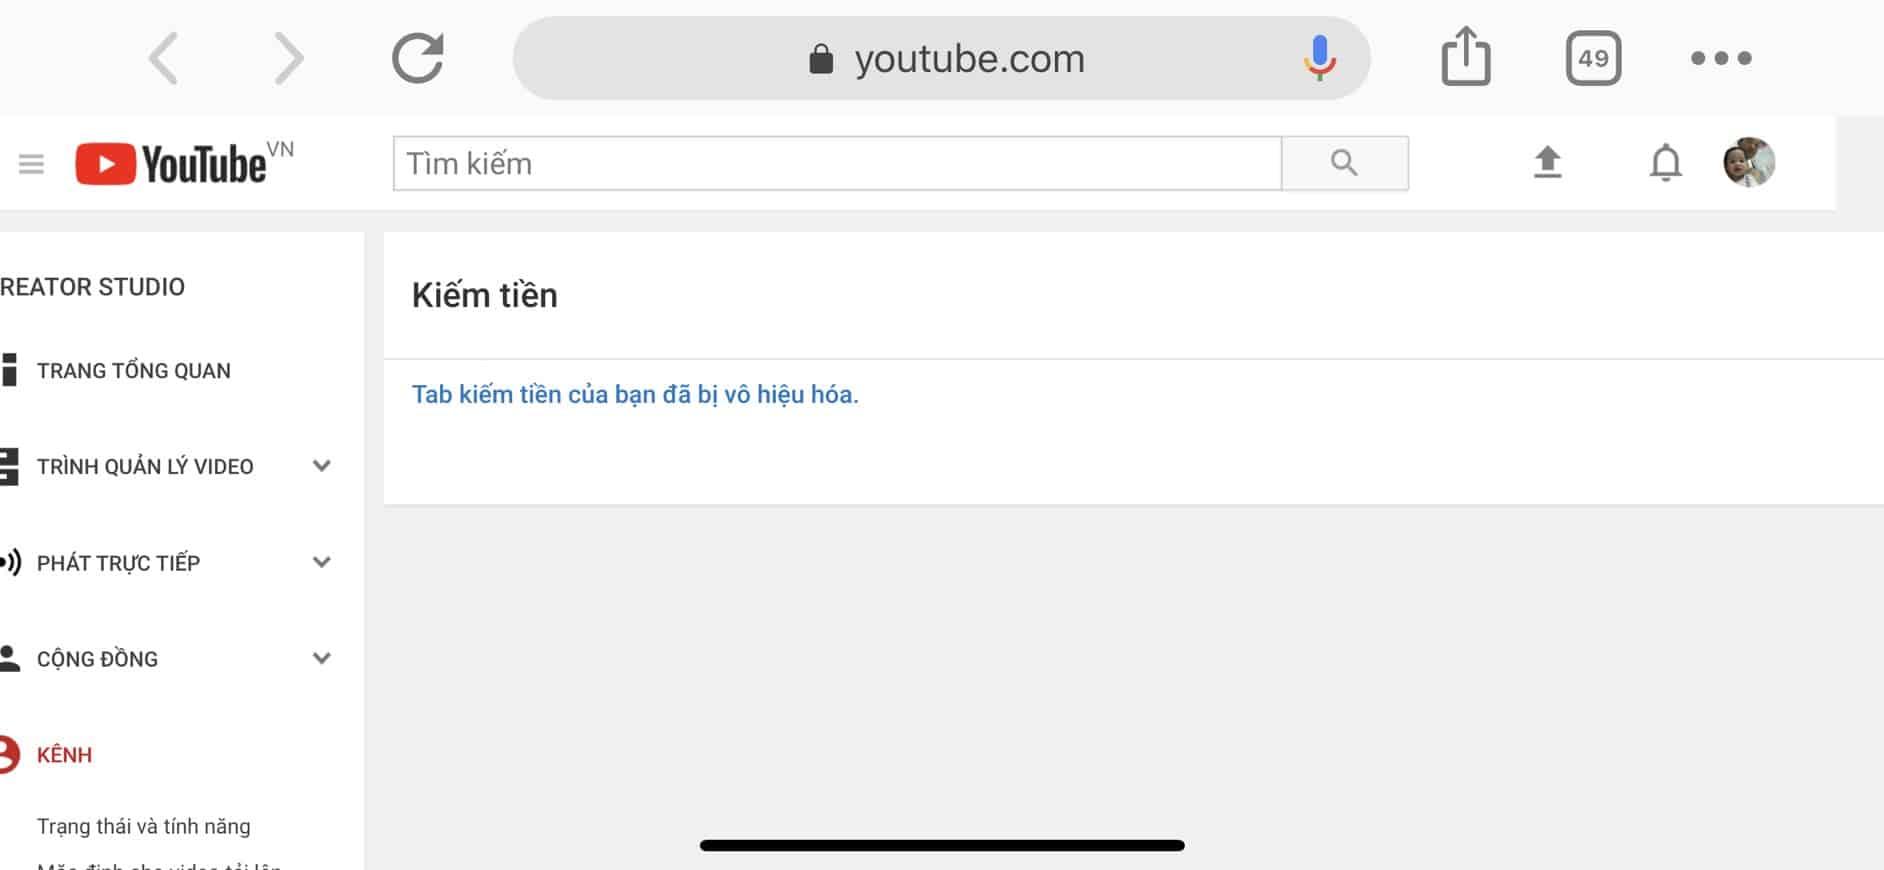 Youtube Lỗi Tab Kiếm Tiền Của Bạn Đã Bị Vô Hiệu Hóa